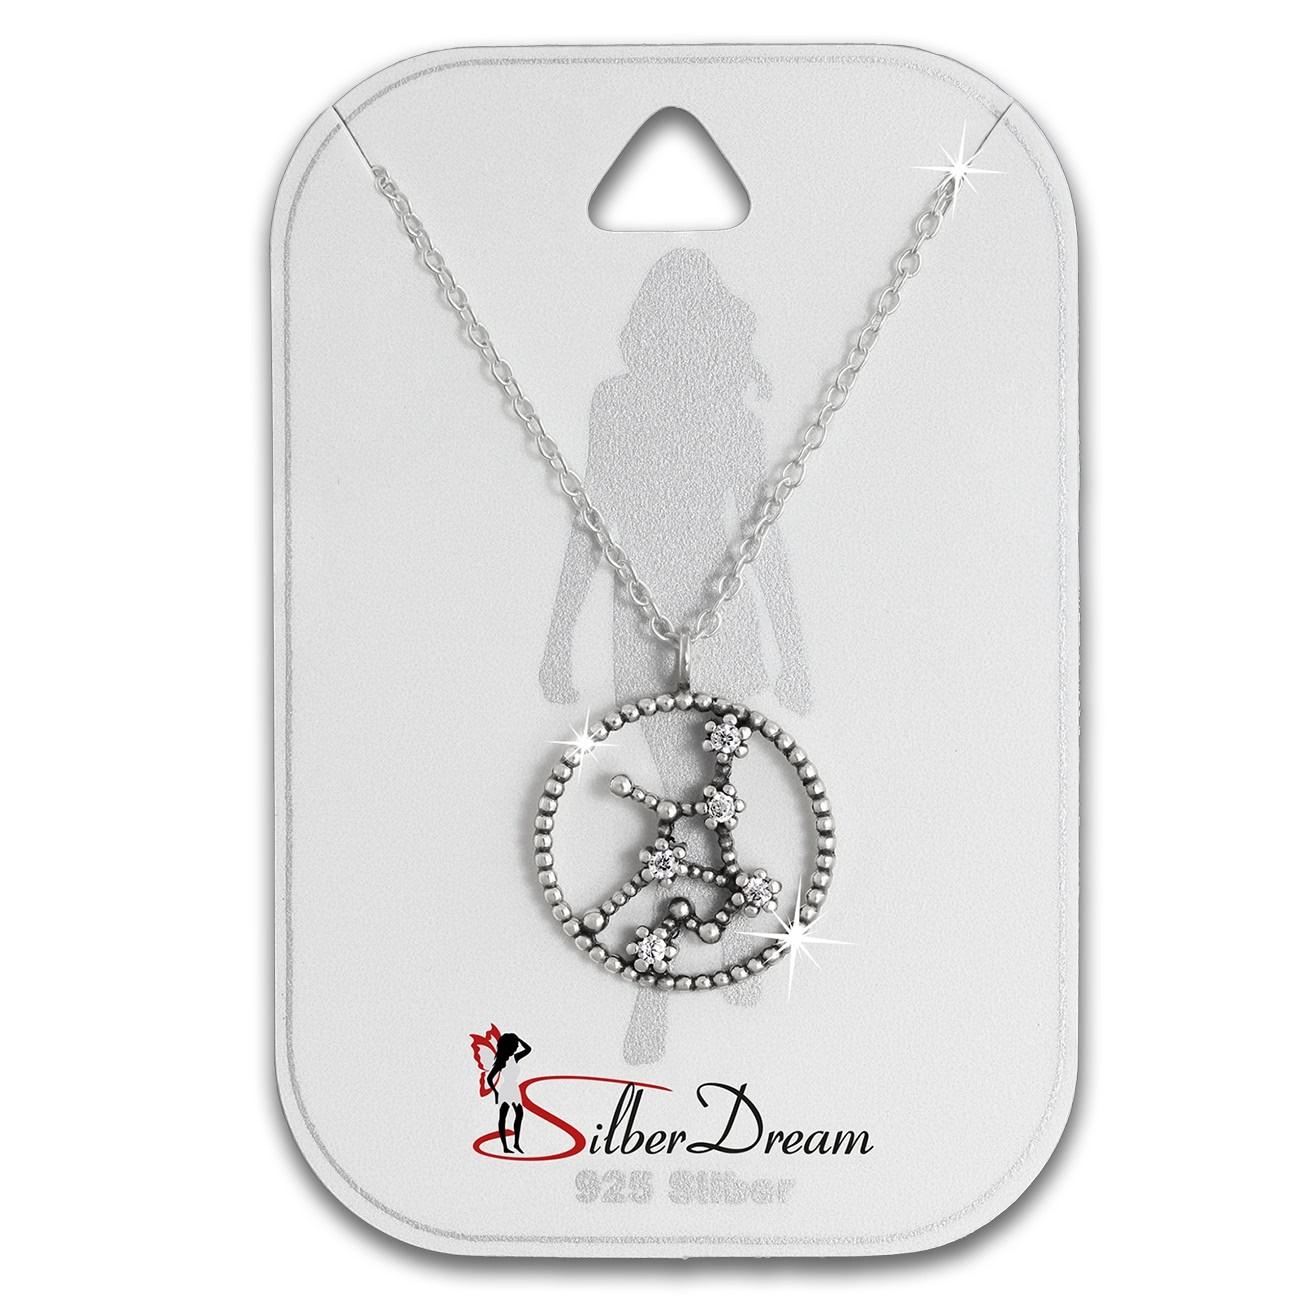 SilberDream Halskette Sternzeichen Jungfrau 925 Silber 45cm Damen Kette SDK8509W